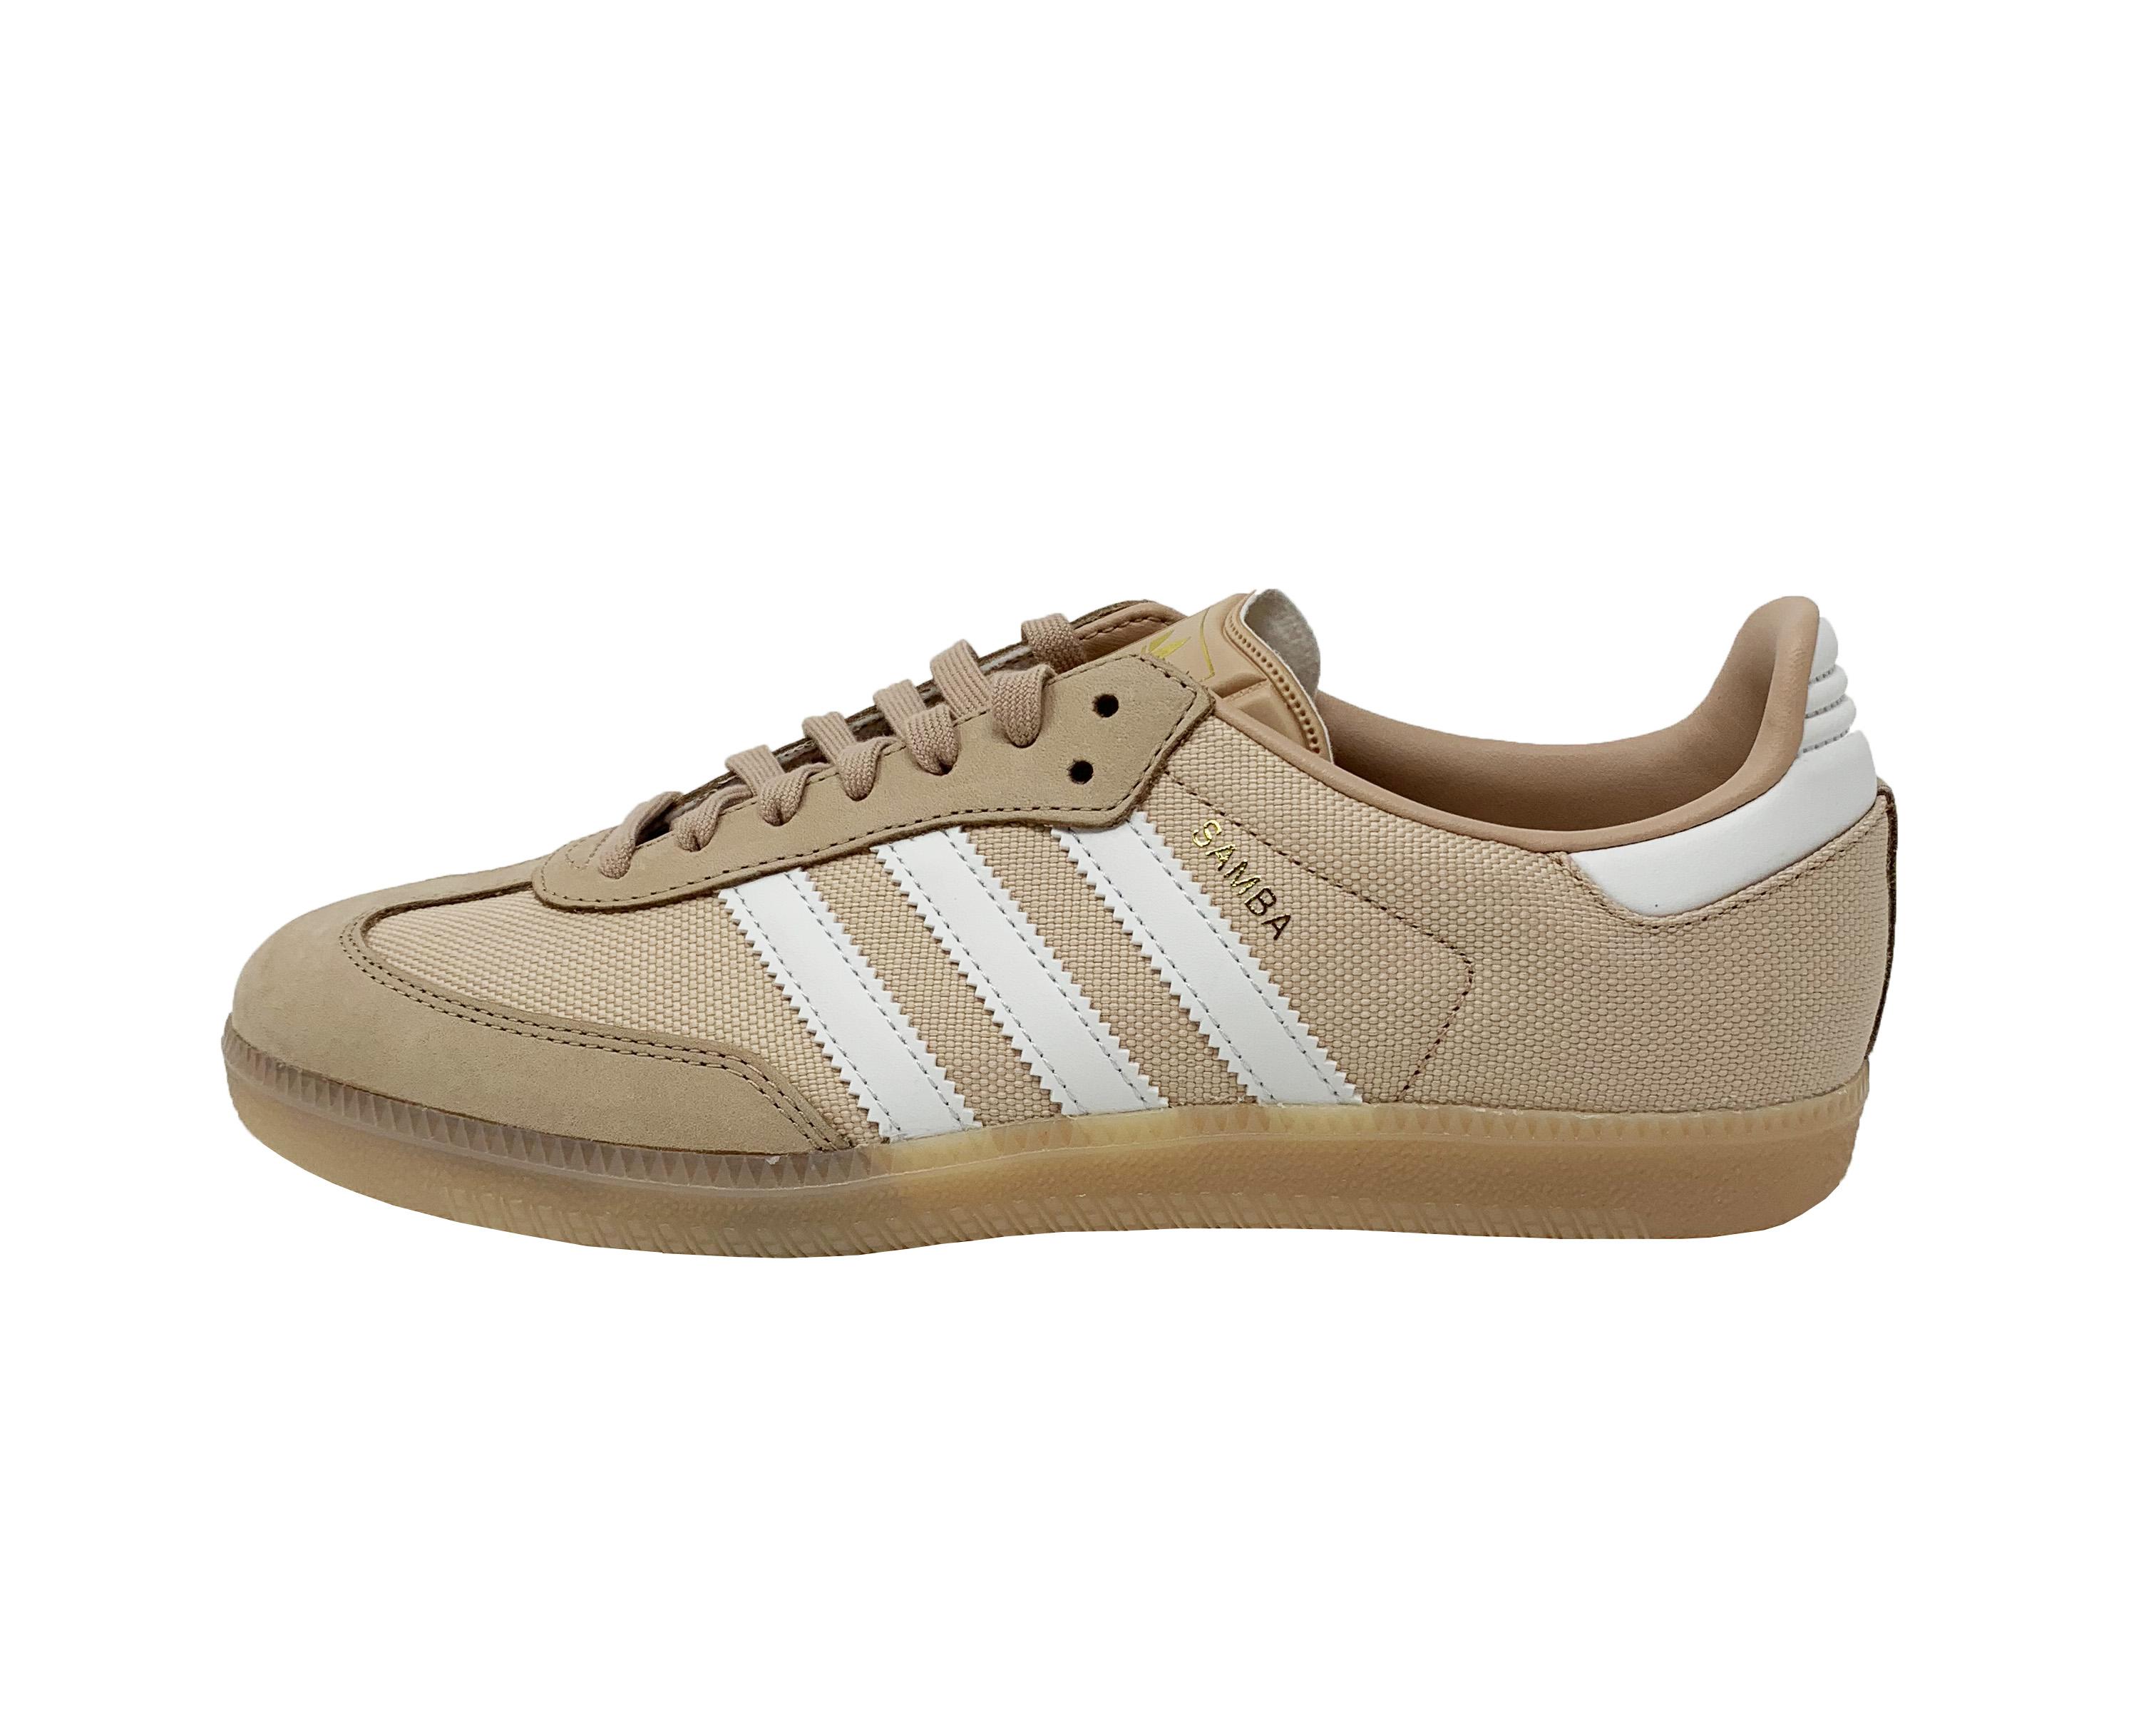 Adidas Samba CQ2643 Womens Trainers   eBay